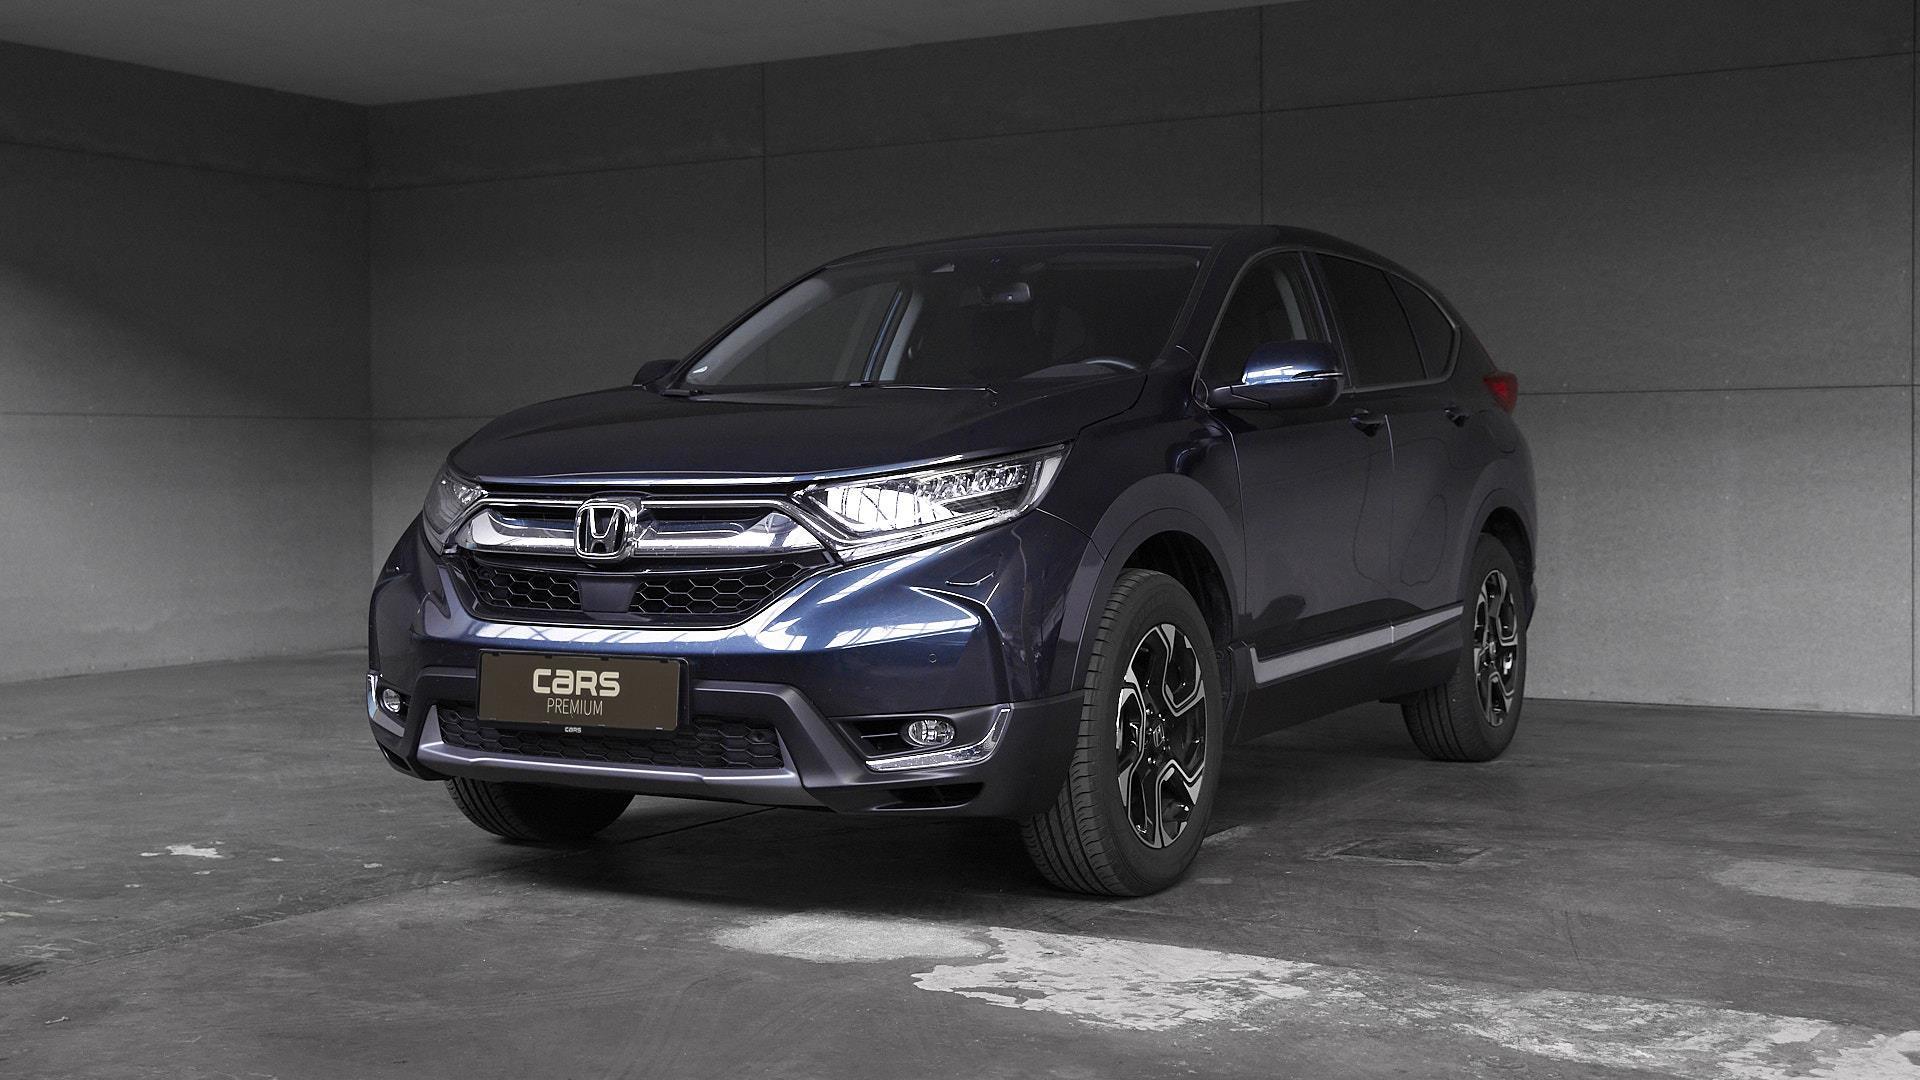 Billede af Honda CR-V 1,5 T Elegance Navi AWD 193HK 5d 7g Aut.